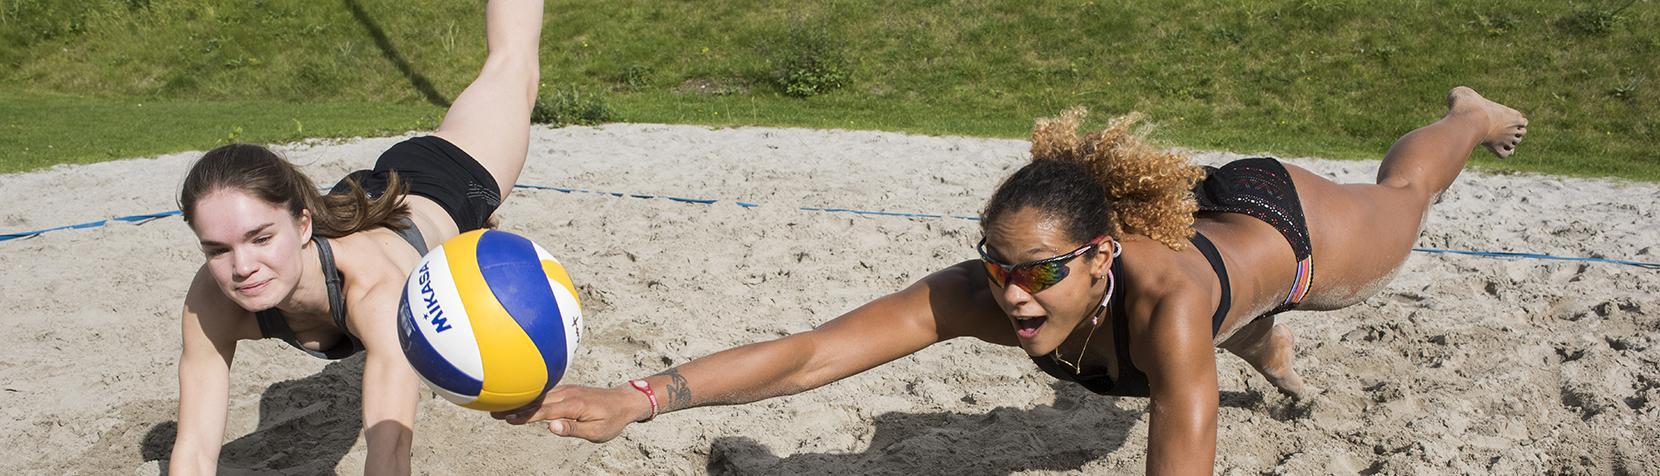 Holte IF Volleyhold træner på beachvolley-banen ved Birkerød Idrætscenter